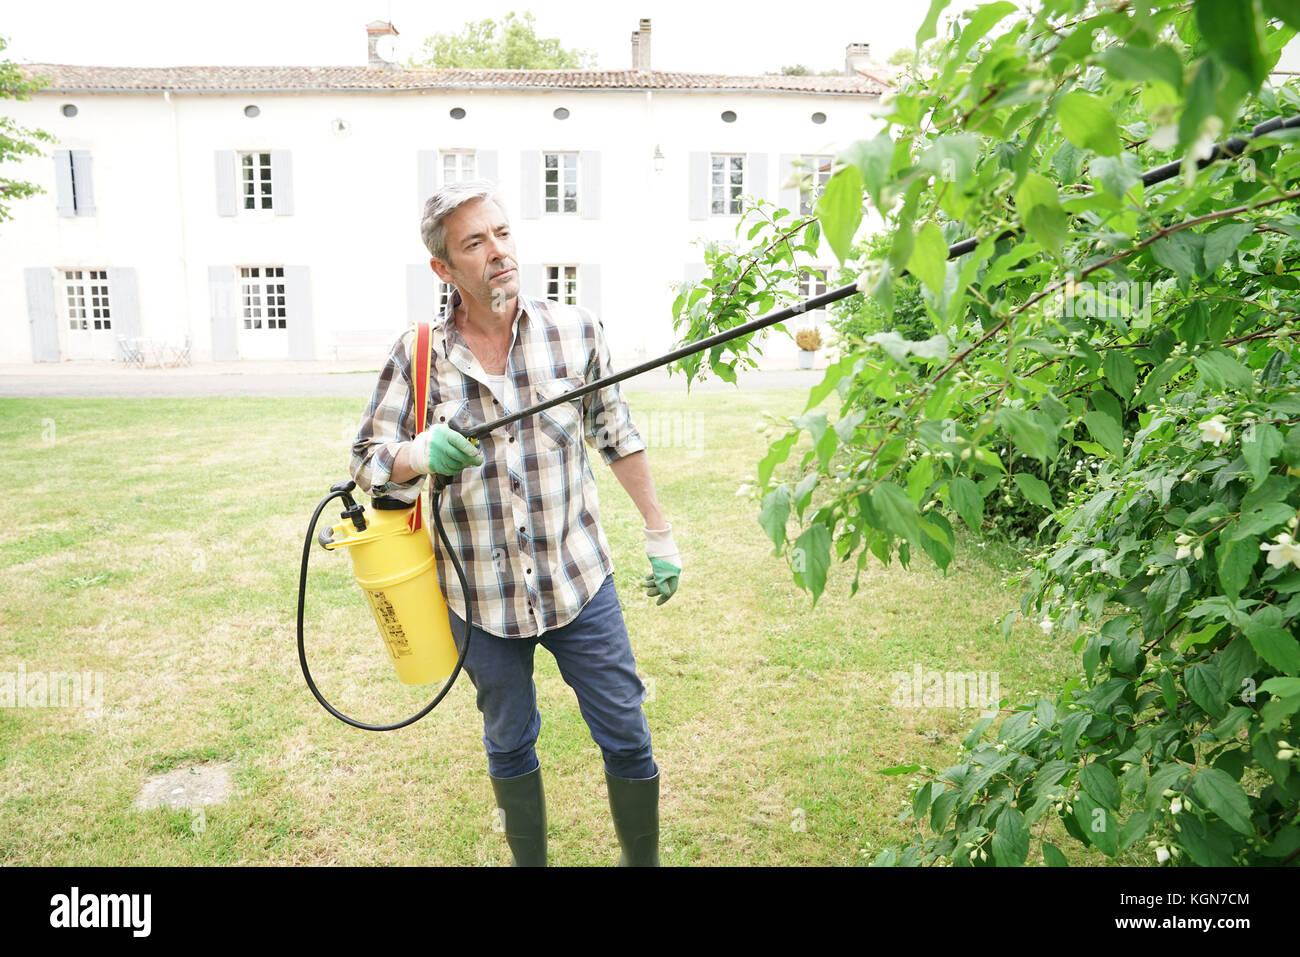 L'homme à la pulvérisation de l'insecticide sur les arbres du jardin Photo Stock